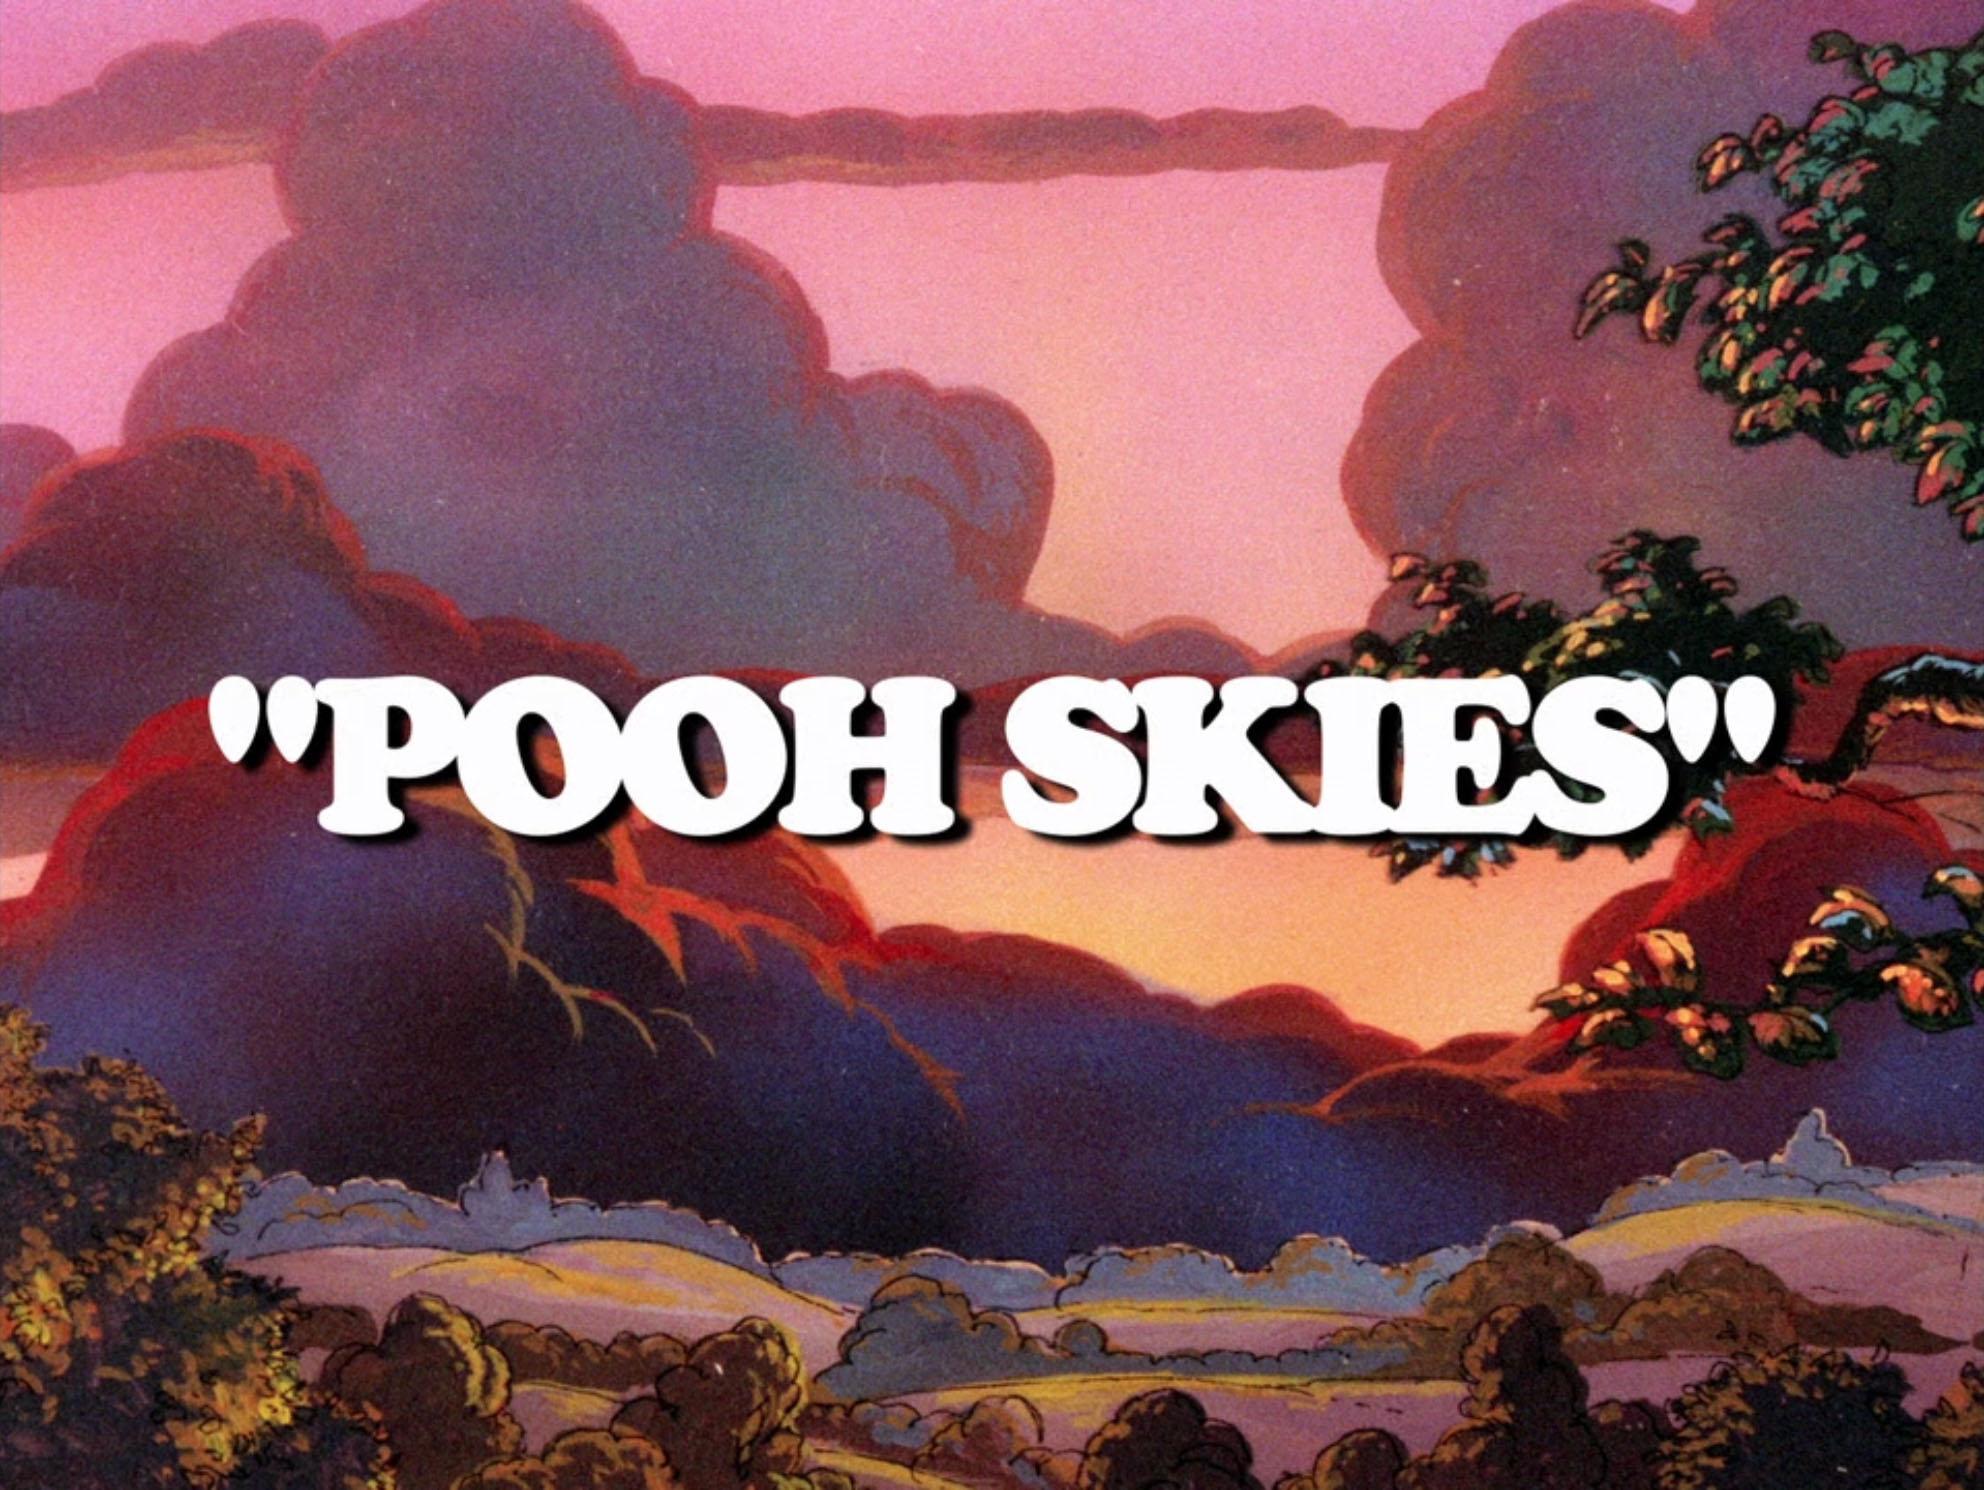 File:Poohskies.jpg